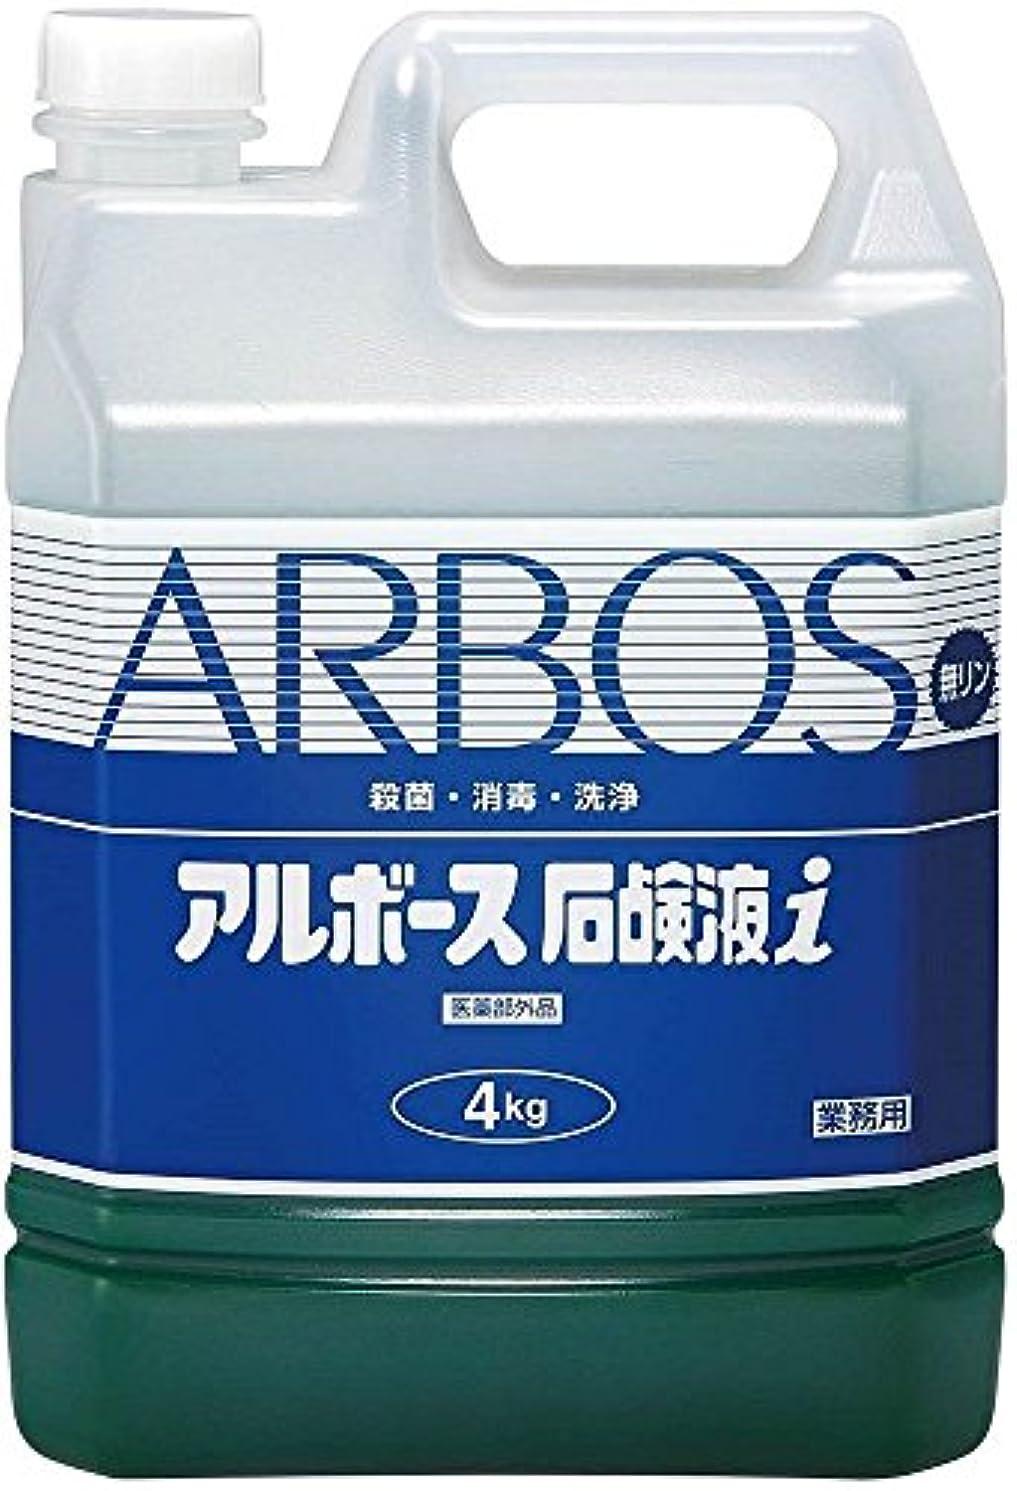 効能我慢する把握テラモト アルボース石鹸液i 4kg SW-986-229-0 【まとめ買い3本セット】